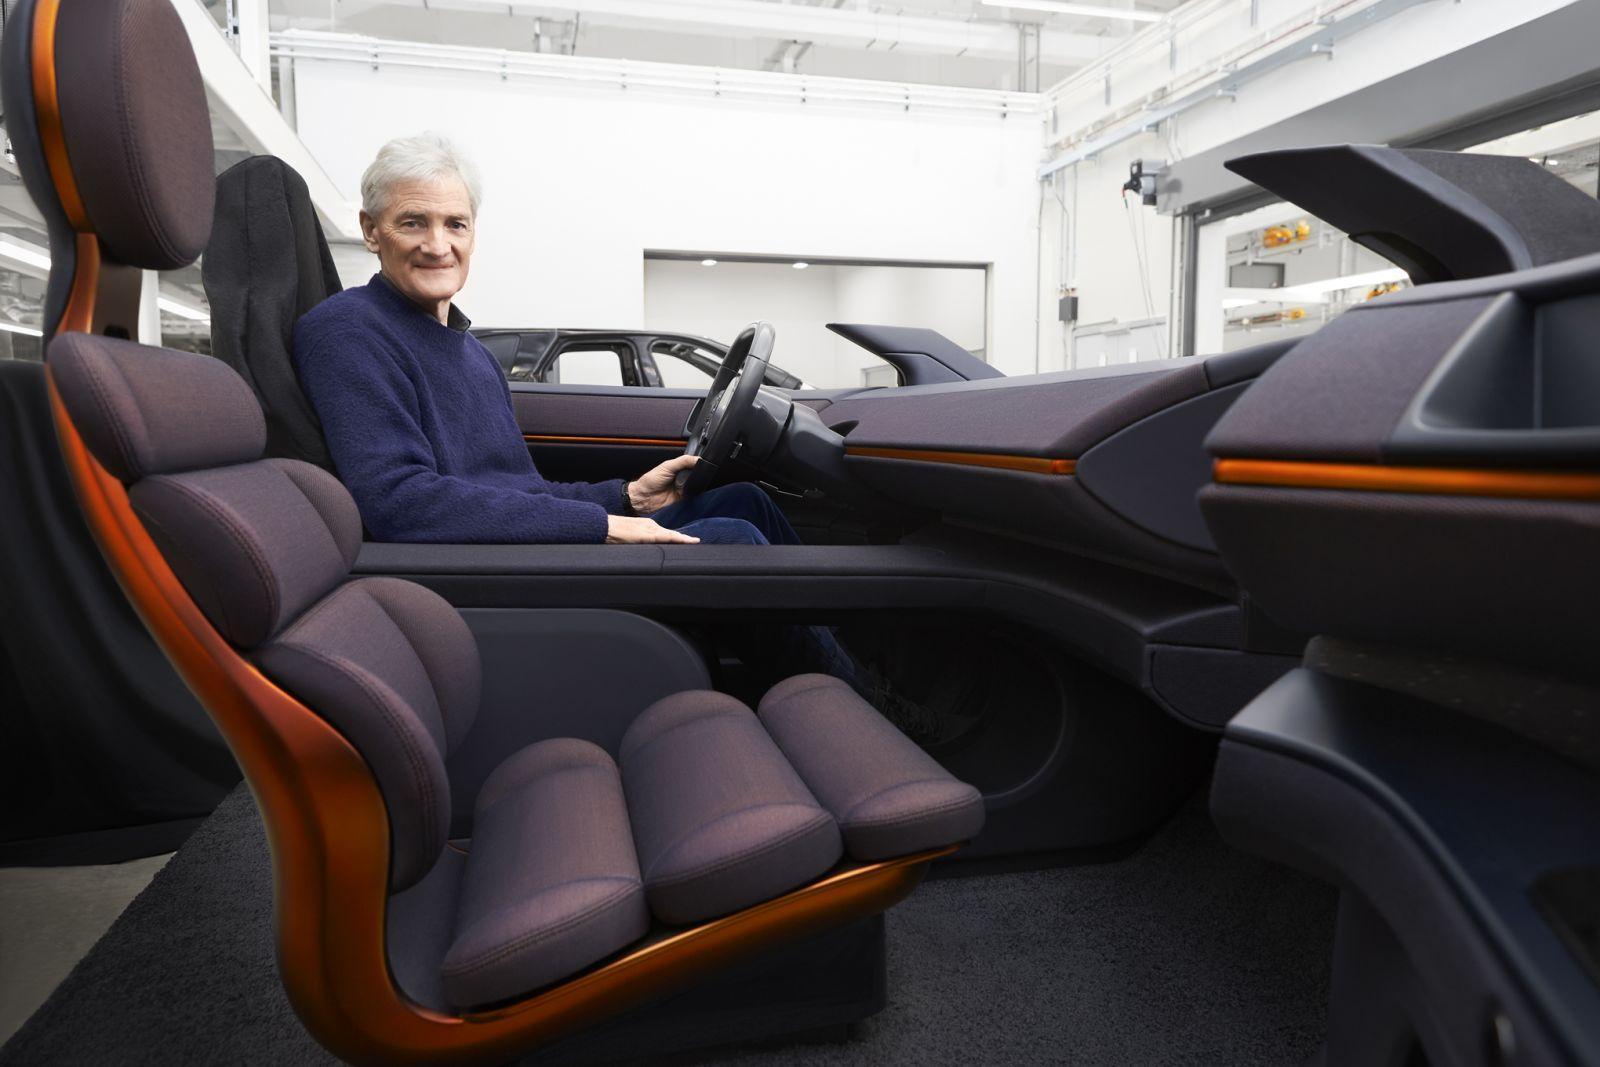 Dyson показал новые фото и видео своего внедорожника (james dyson and car interior)